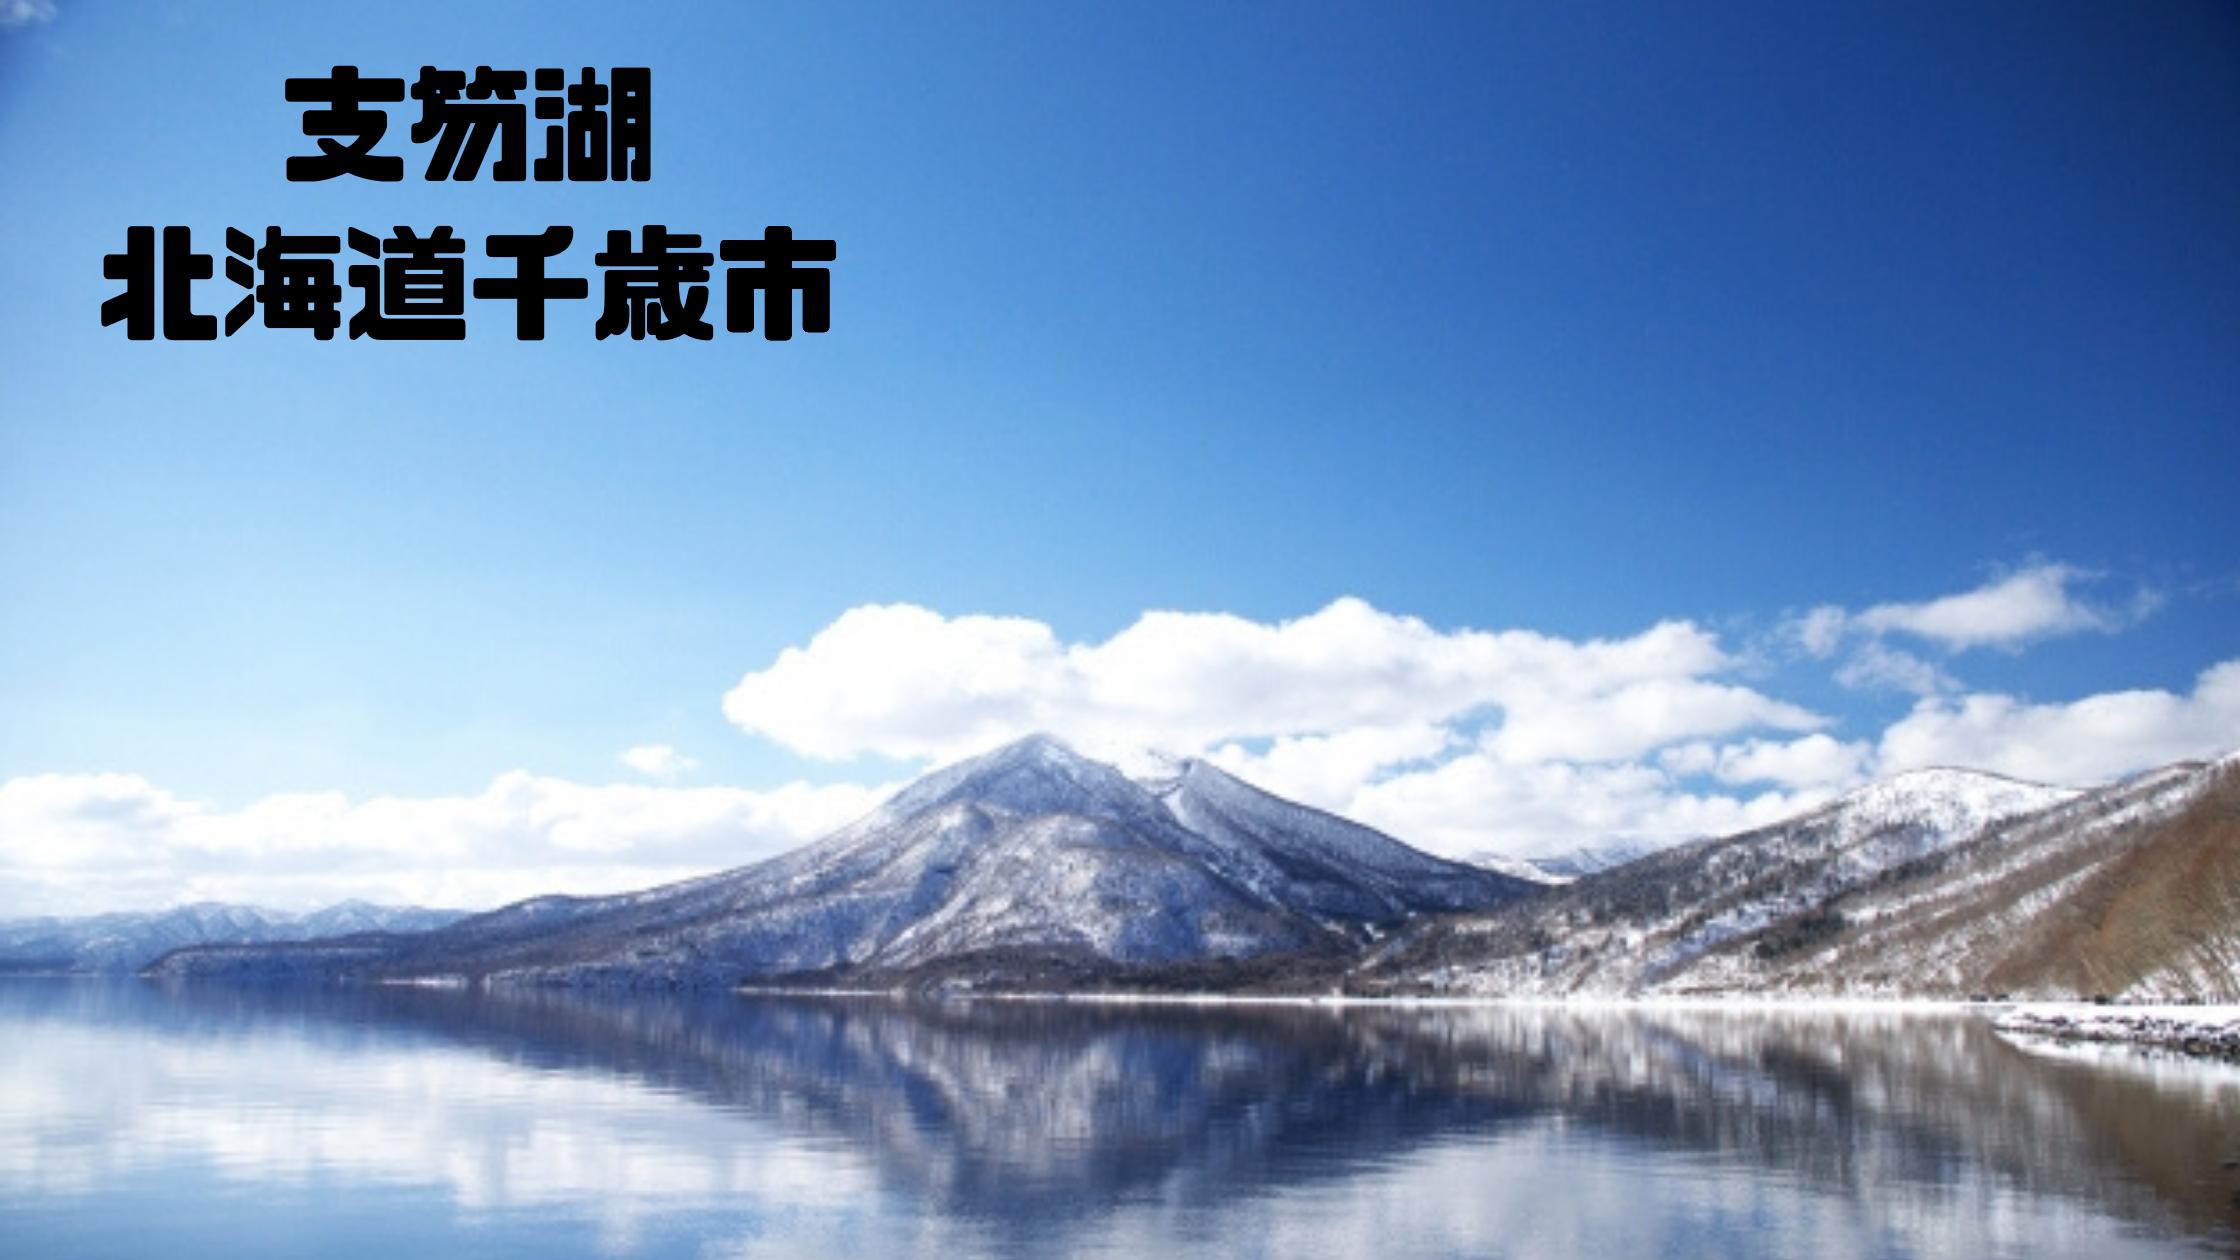 支笏湖| 北海道千歳市|日本【金運スポット】